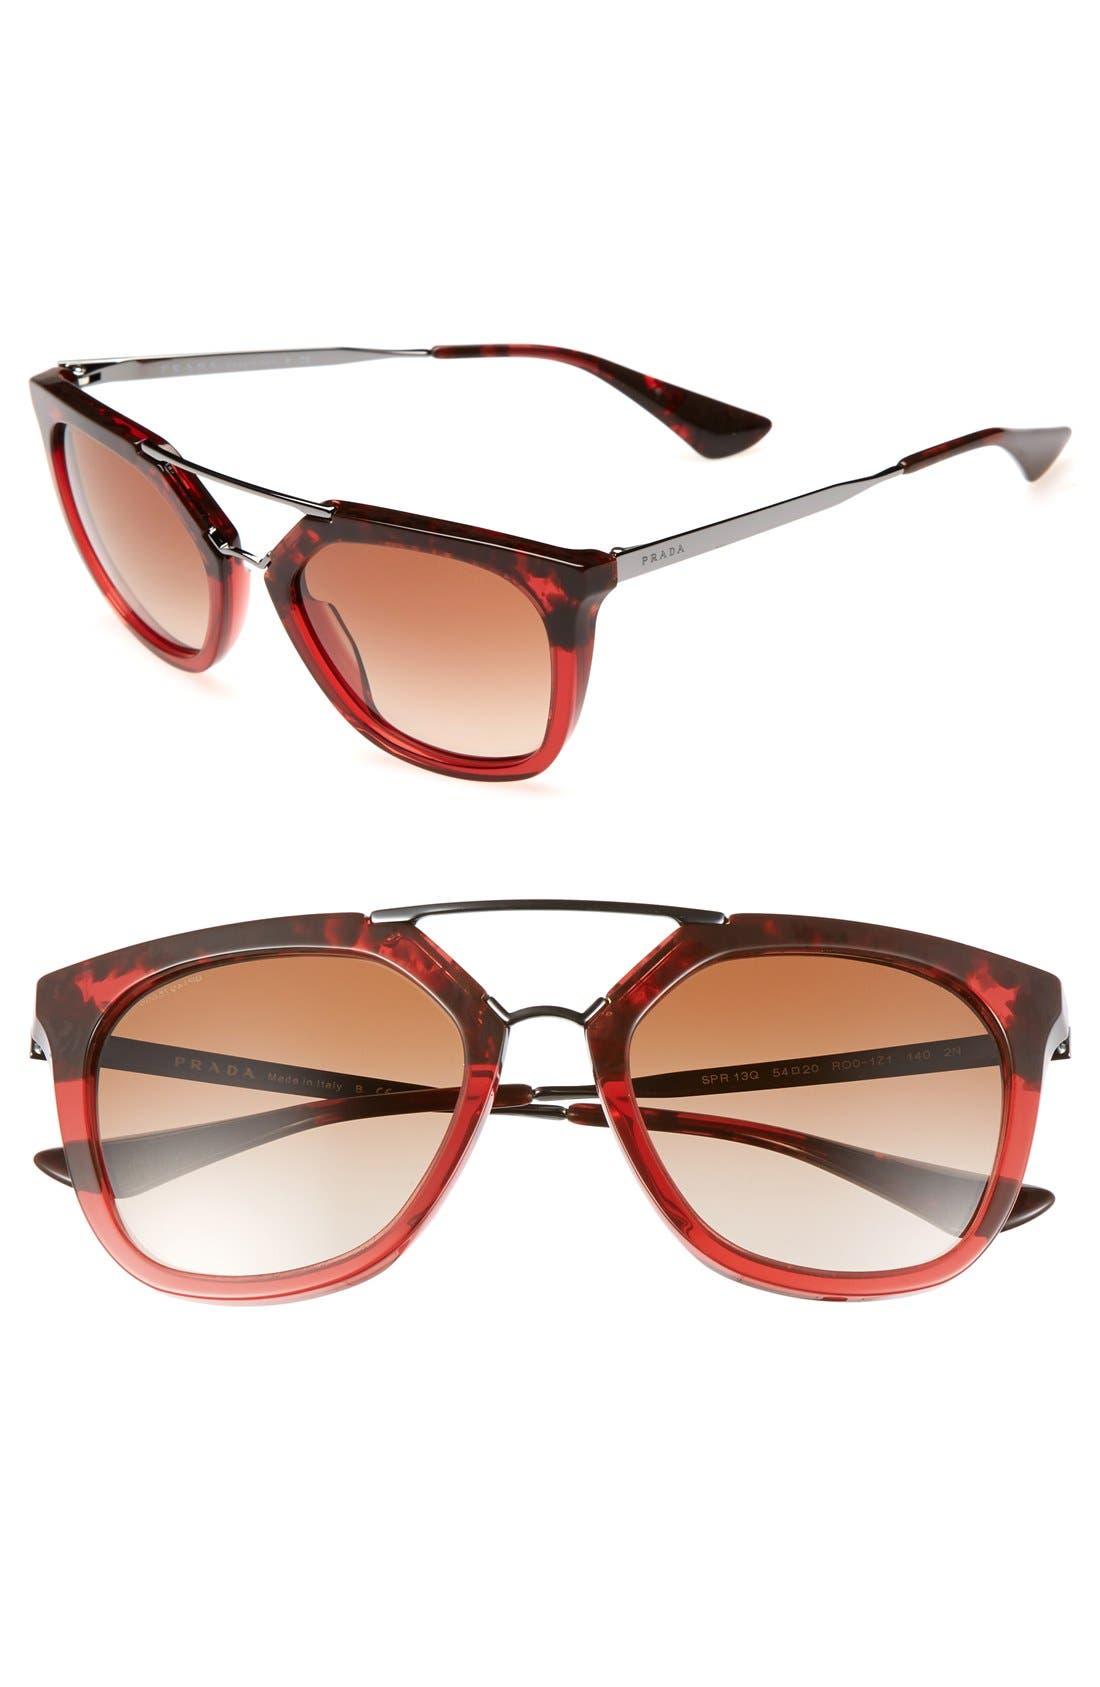 Alternate Image 1 Selected - Prada 'Pilot' 54mm Sunglasses